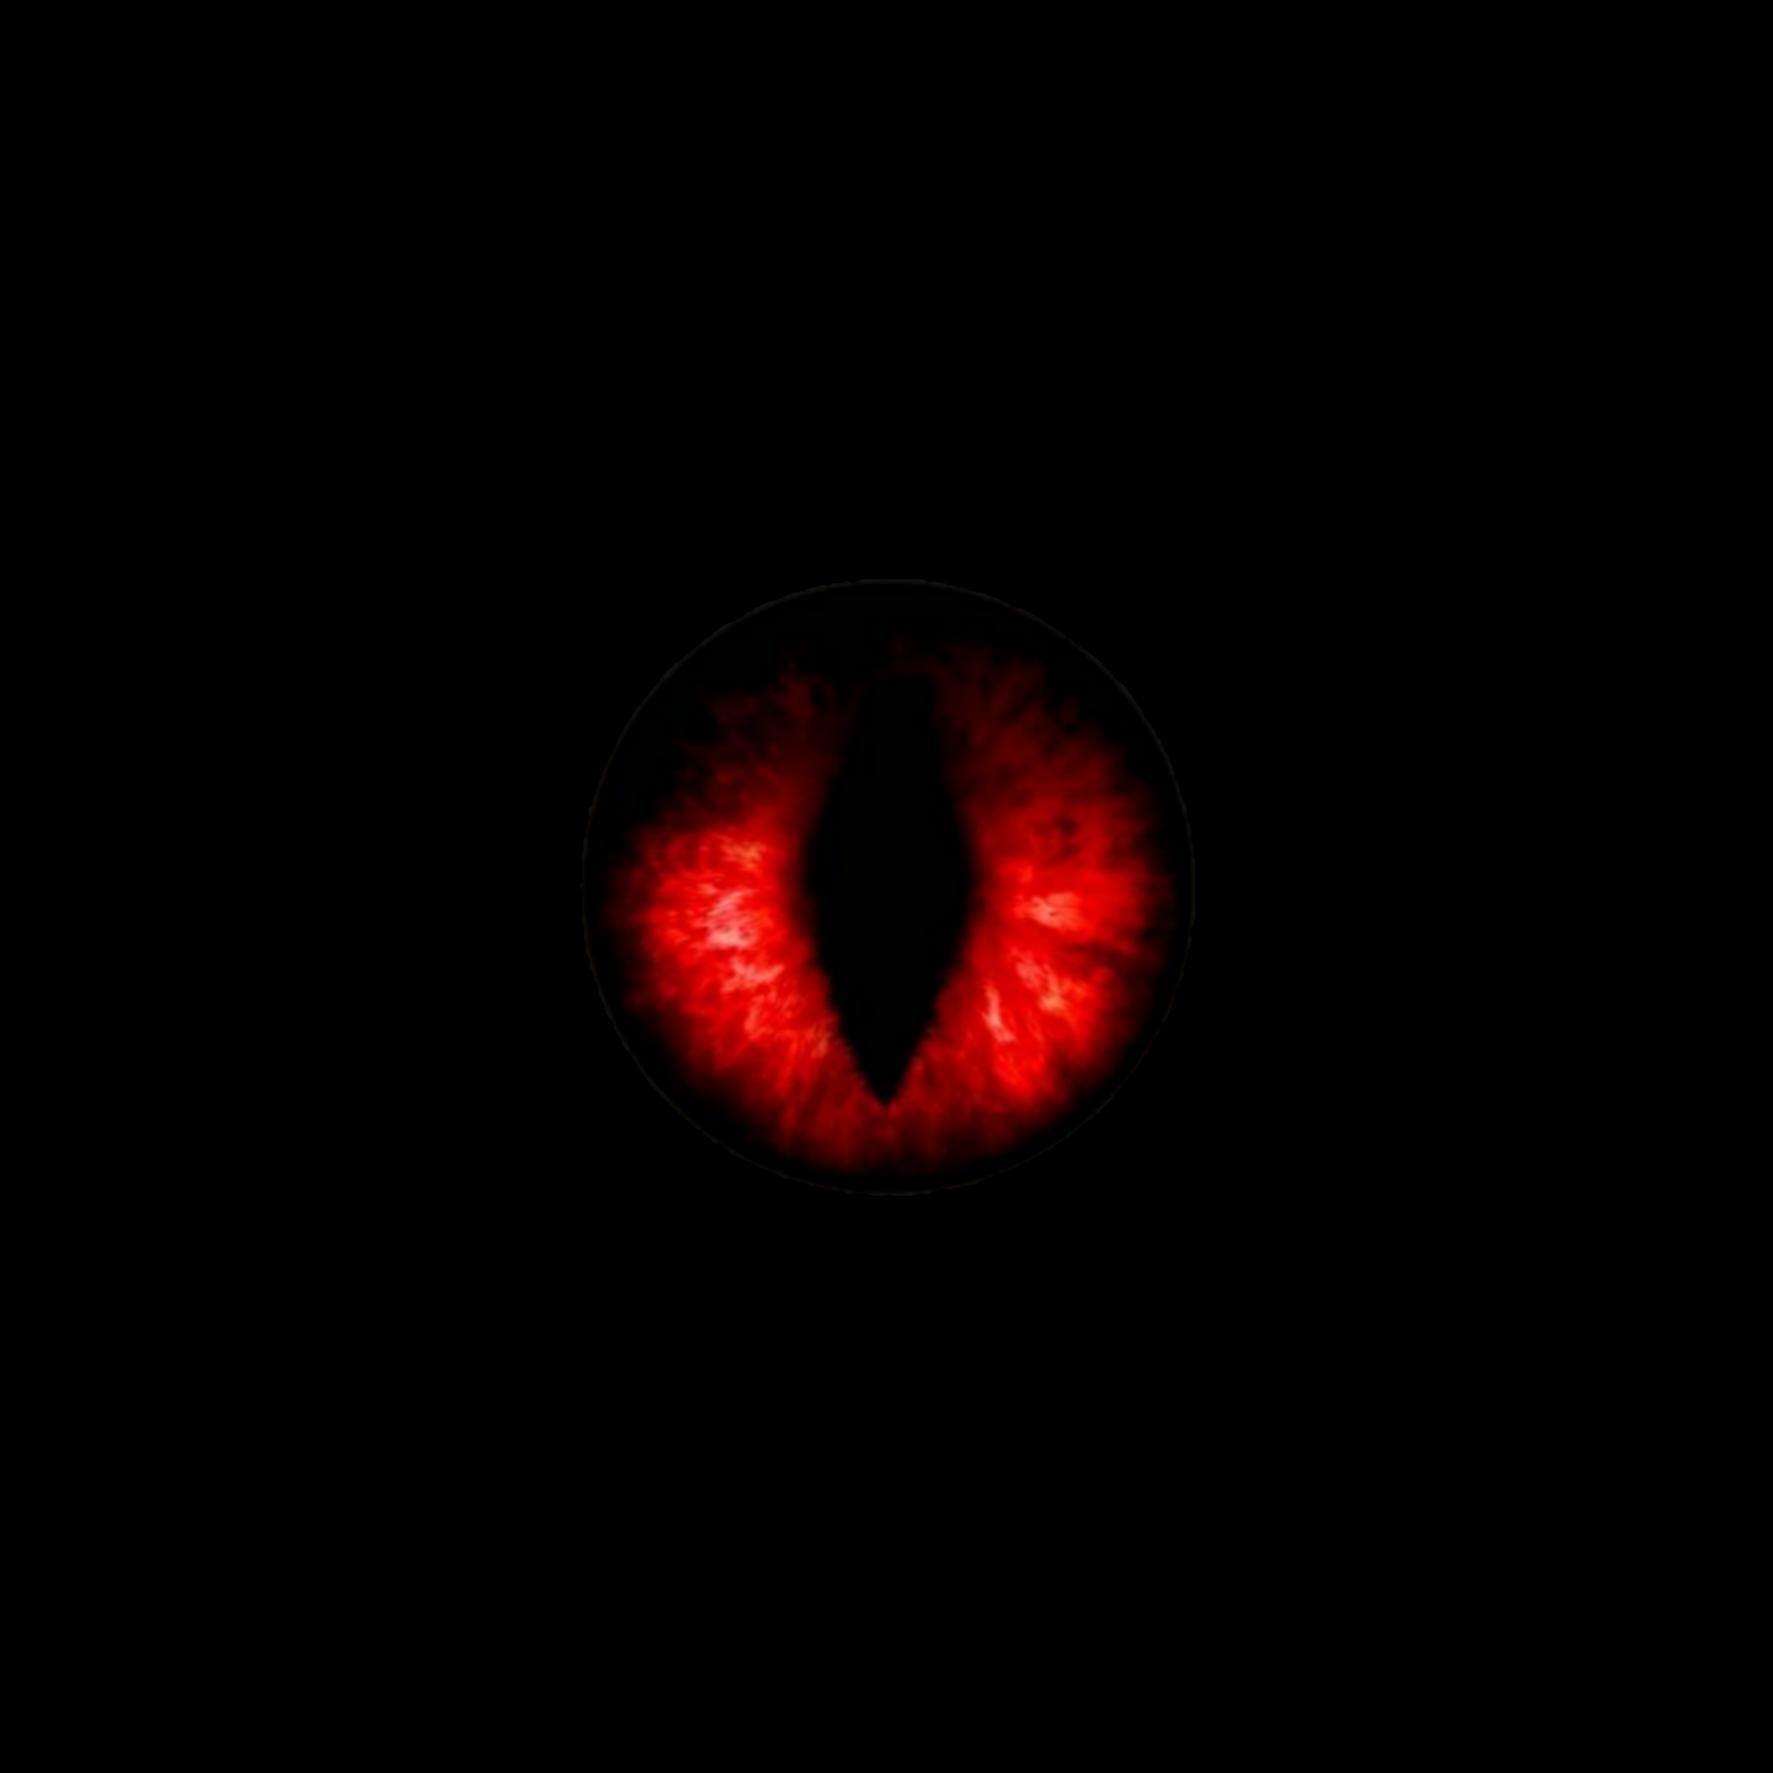 Demon Eyes Drawing.